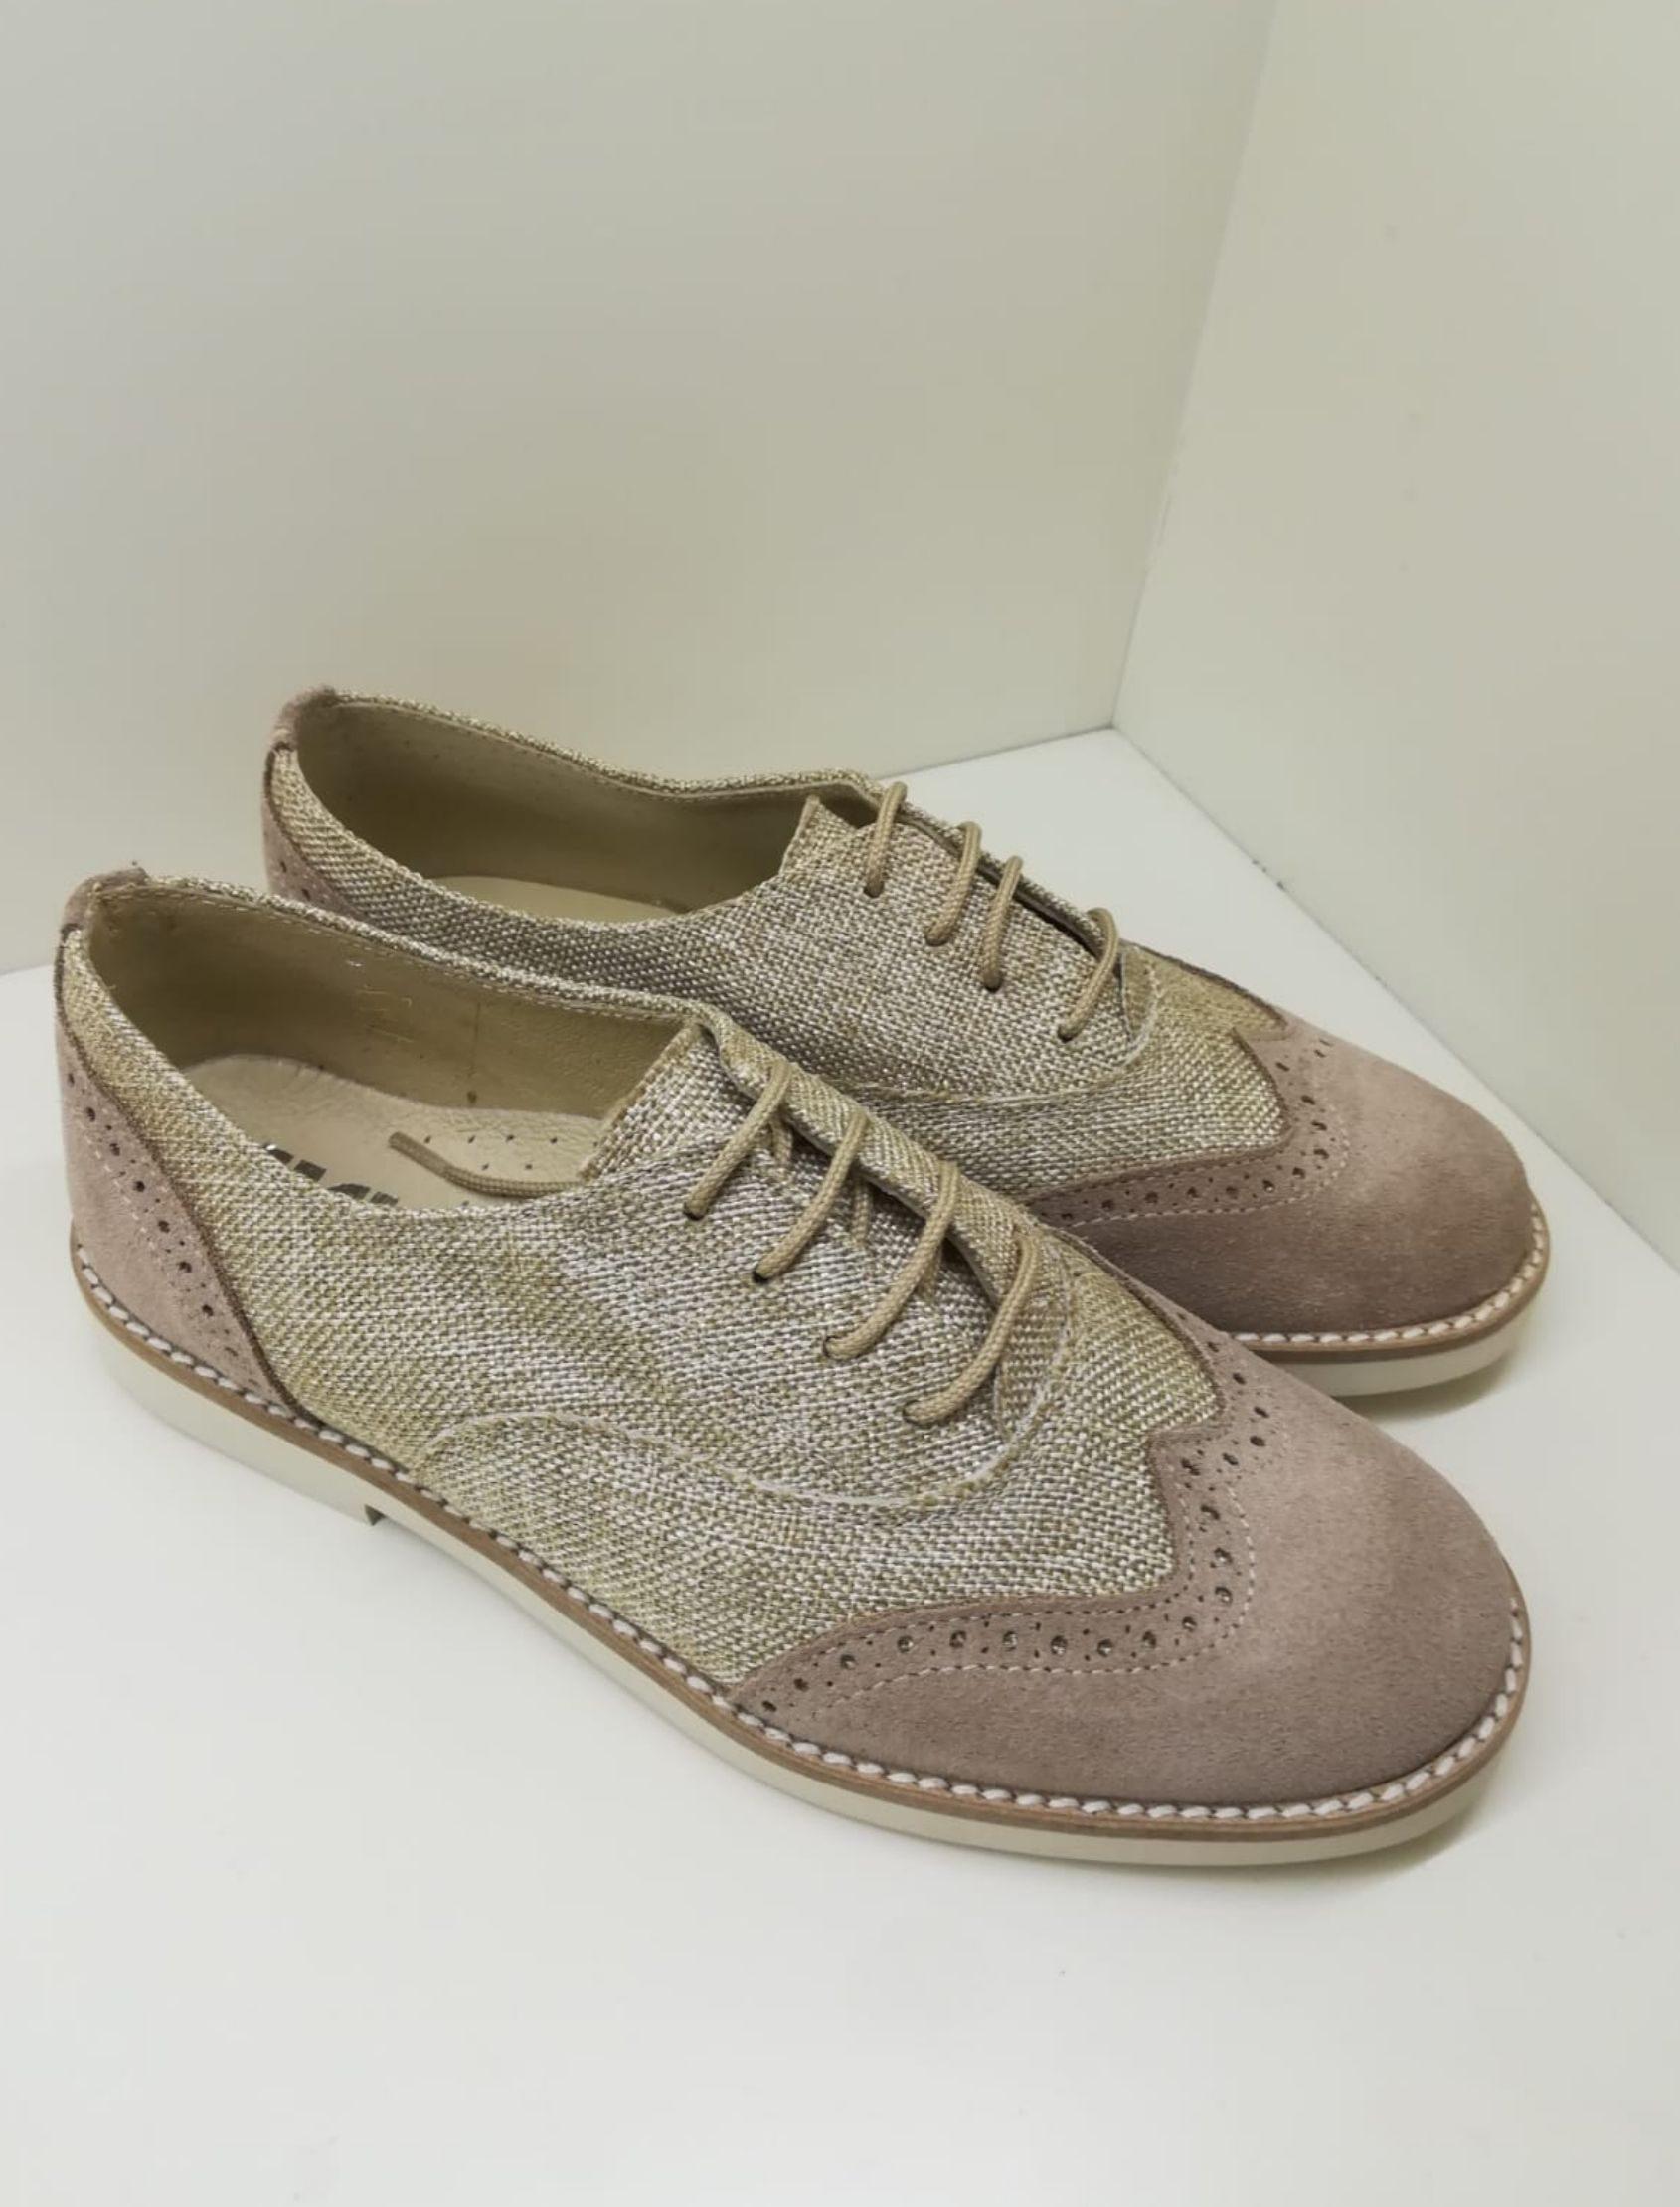 Zapato blucher con cordones en serraje colores tierra y tórtola